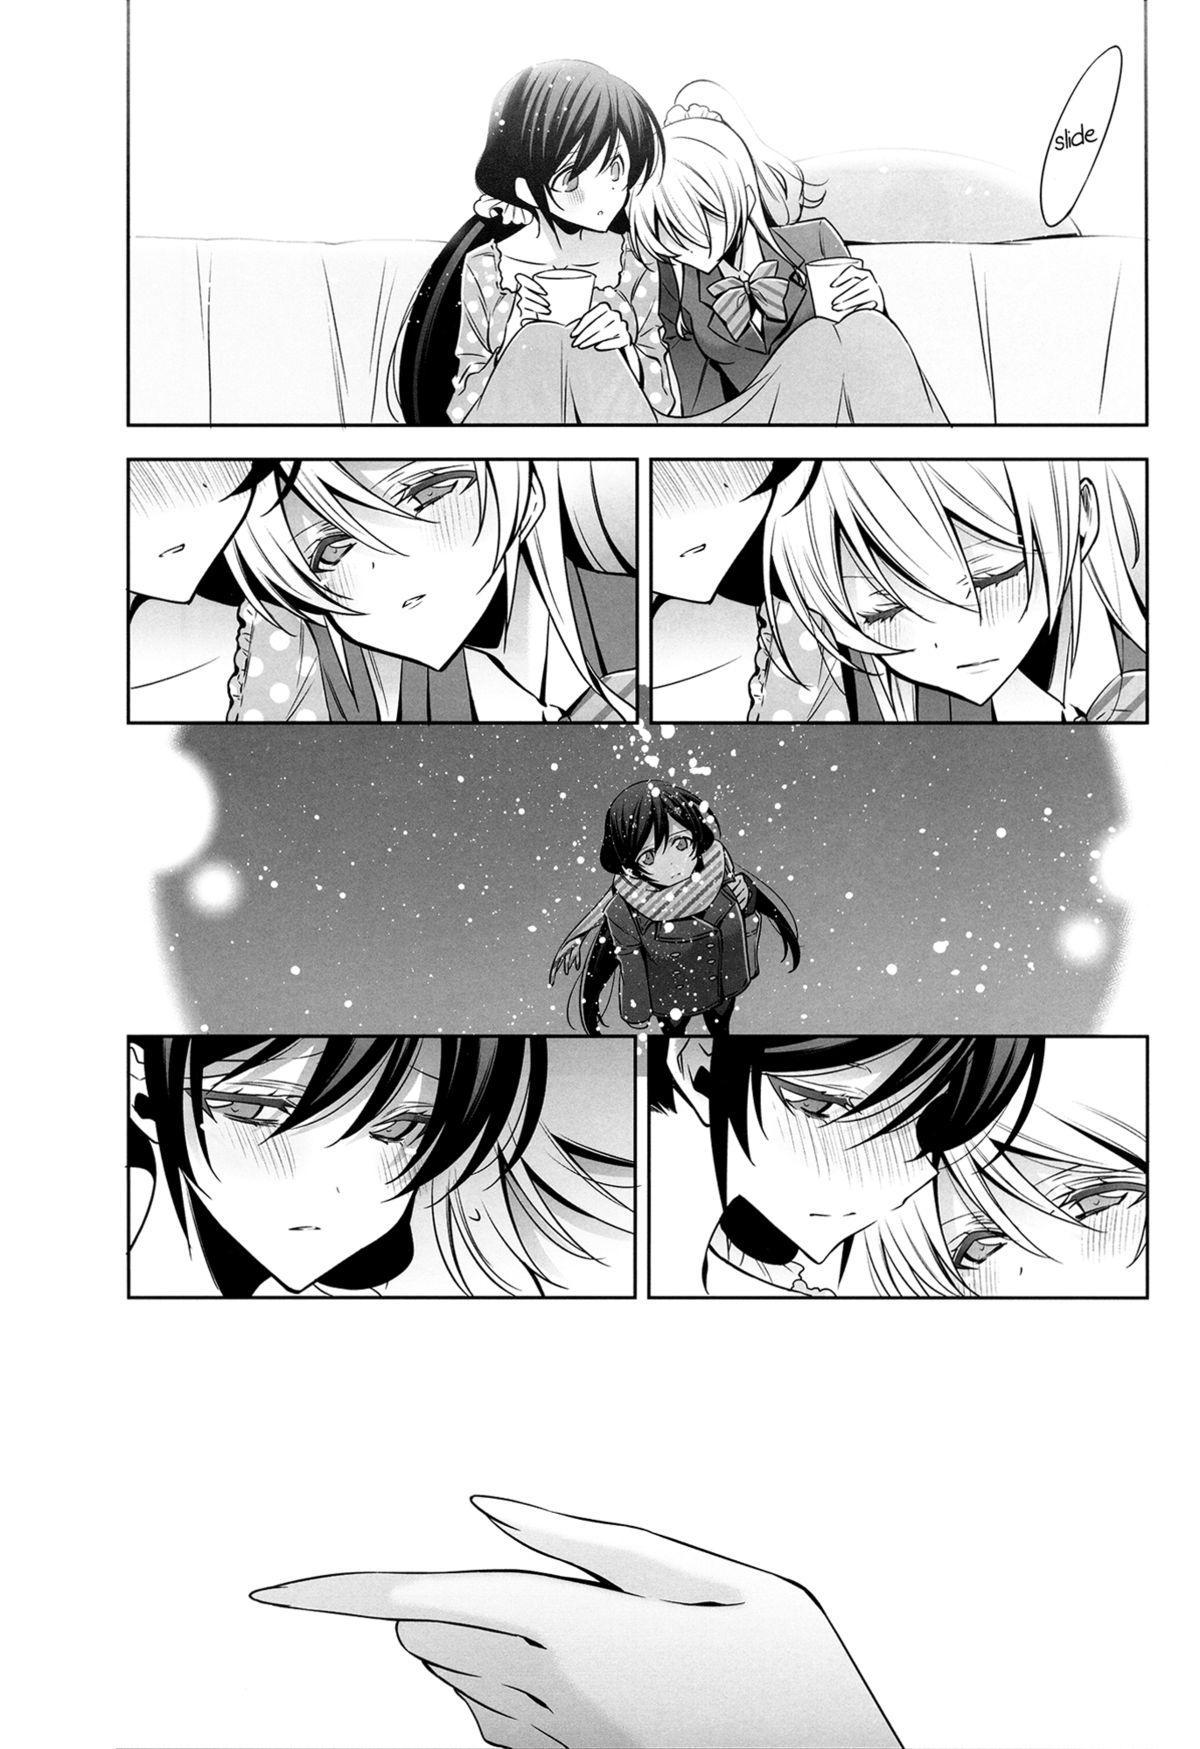 Haru mo Natsu mo Aki mo Fuyu mo | In Spring, In Summer, In Autumn, In Winter. Always With You! 36